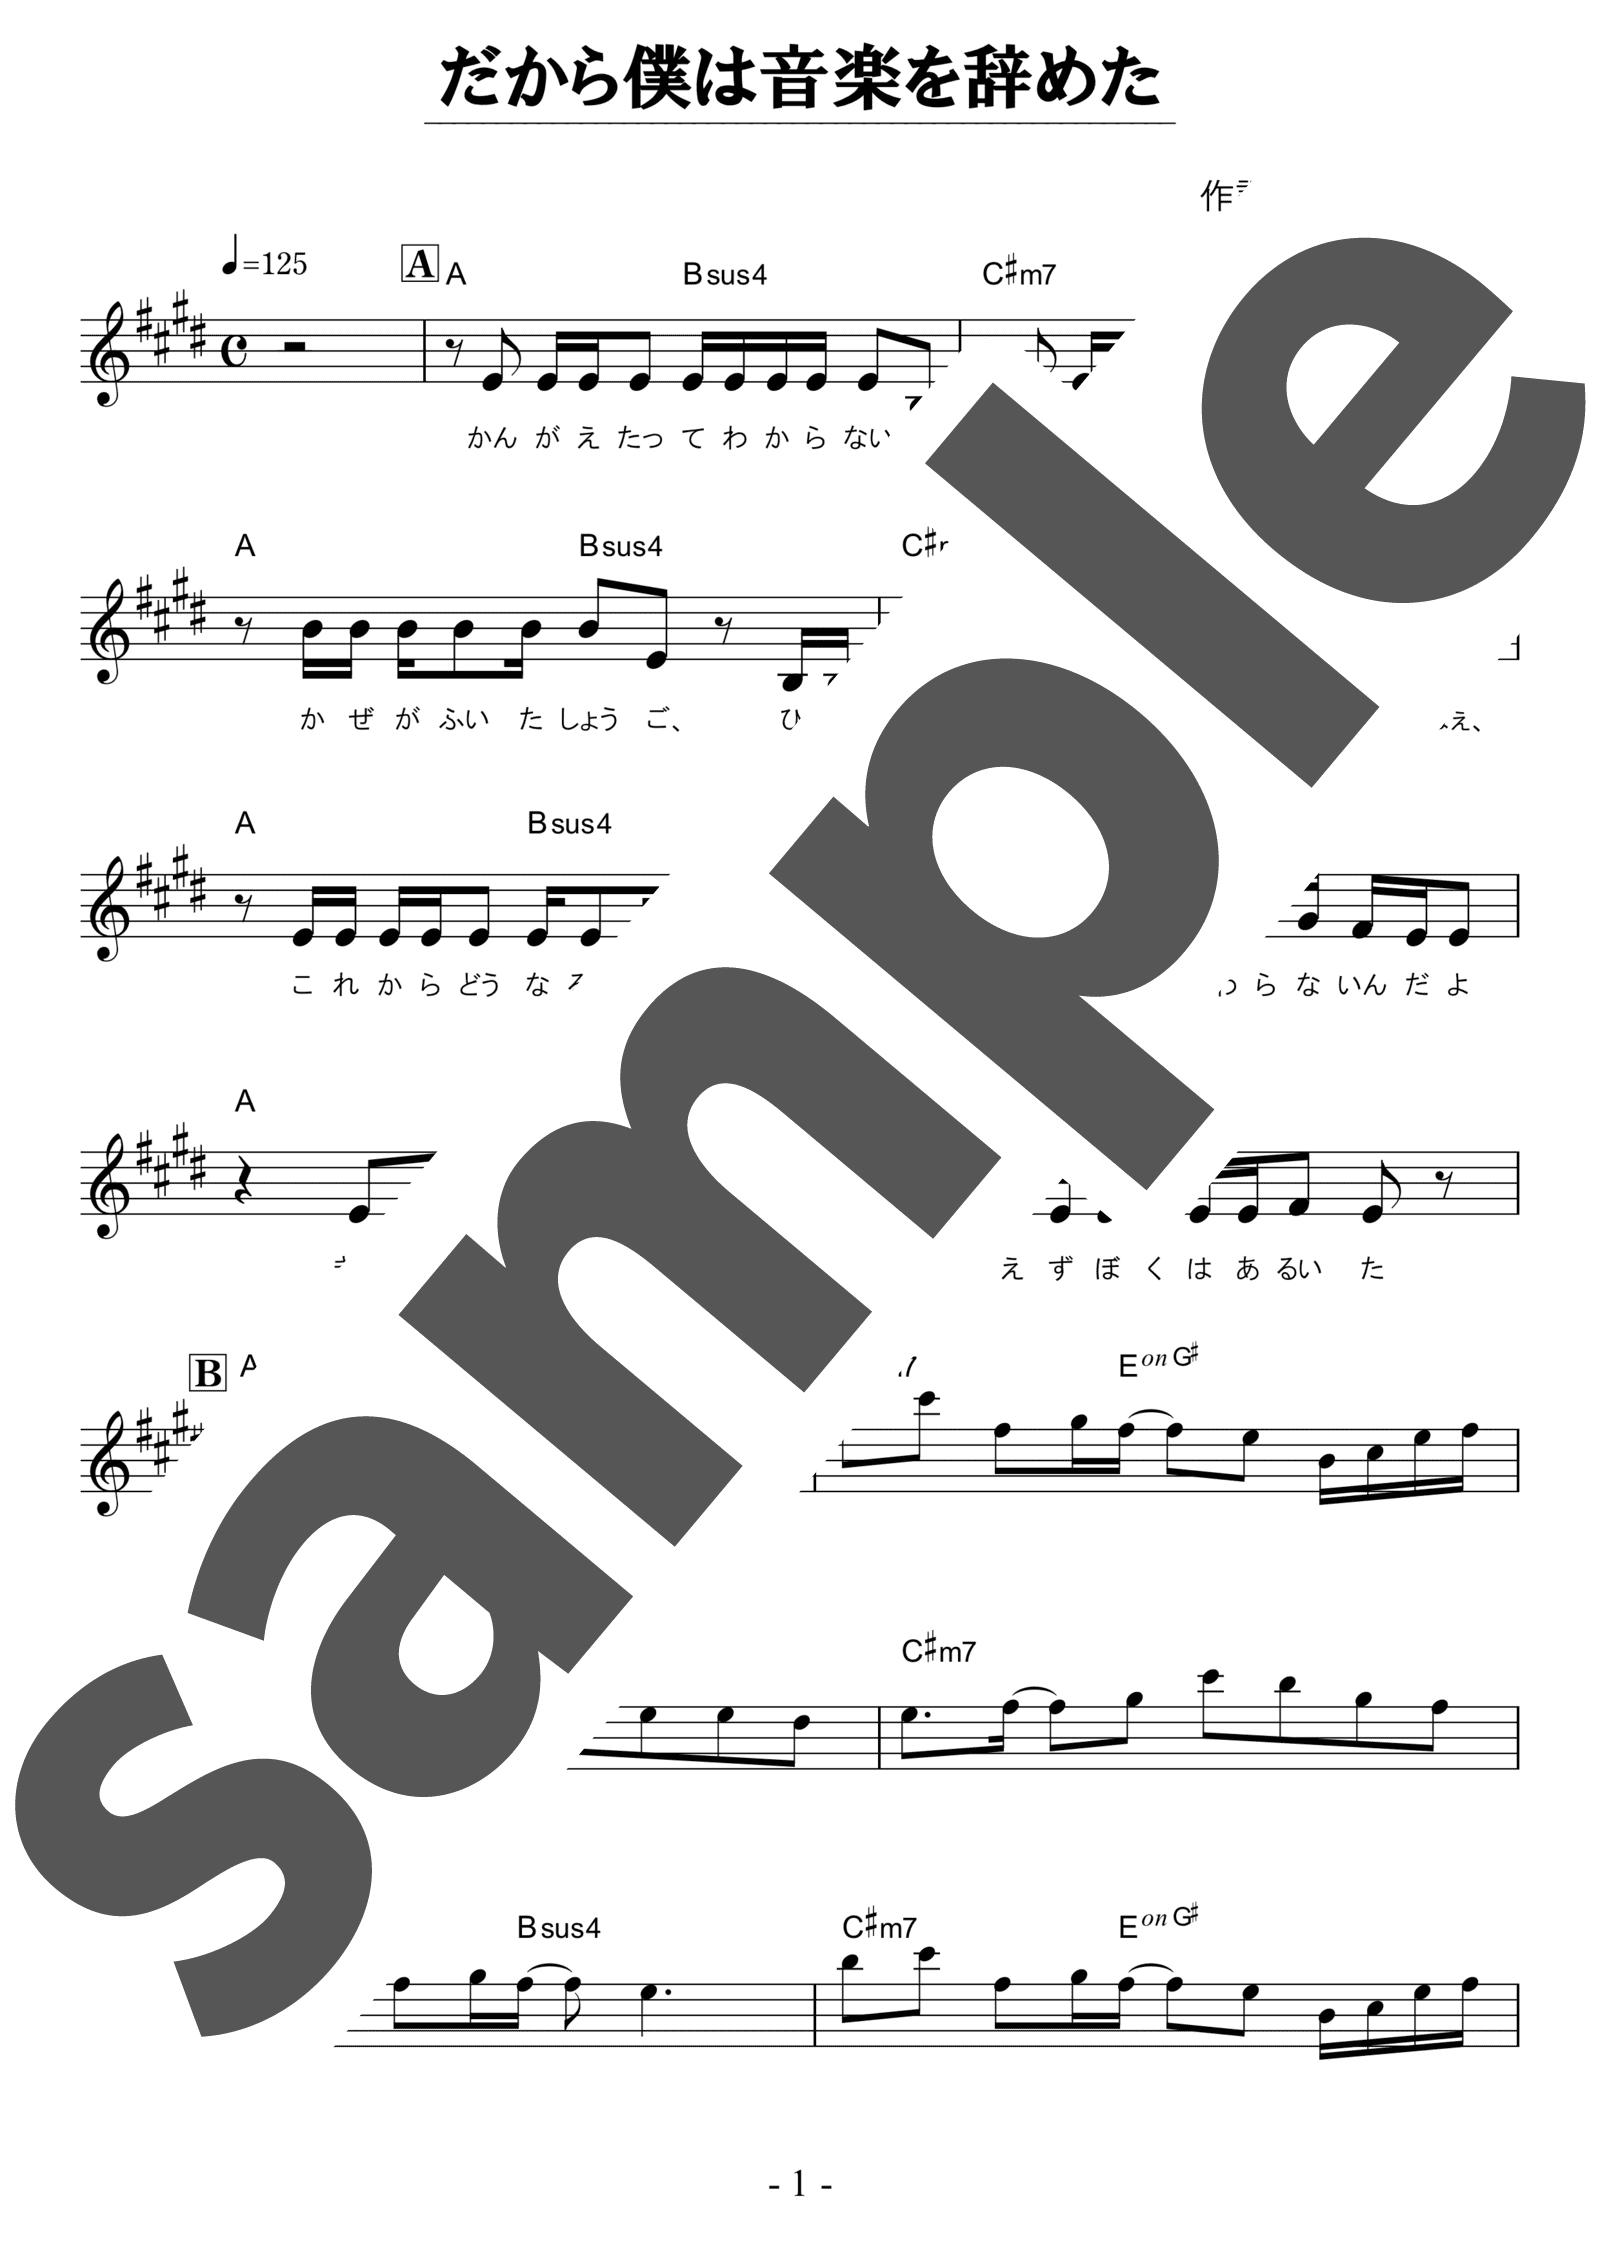 「だから僕は音楽を辞めた」のサンプル楽譜